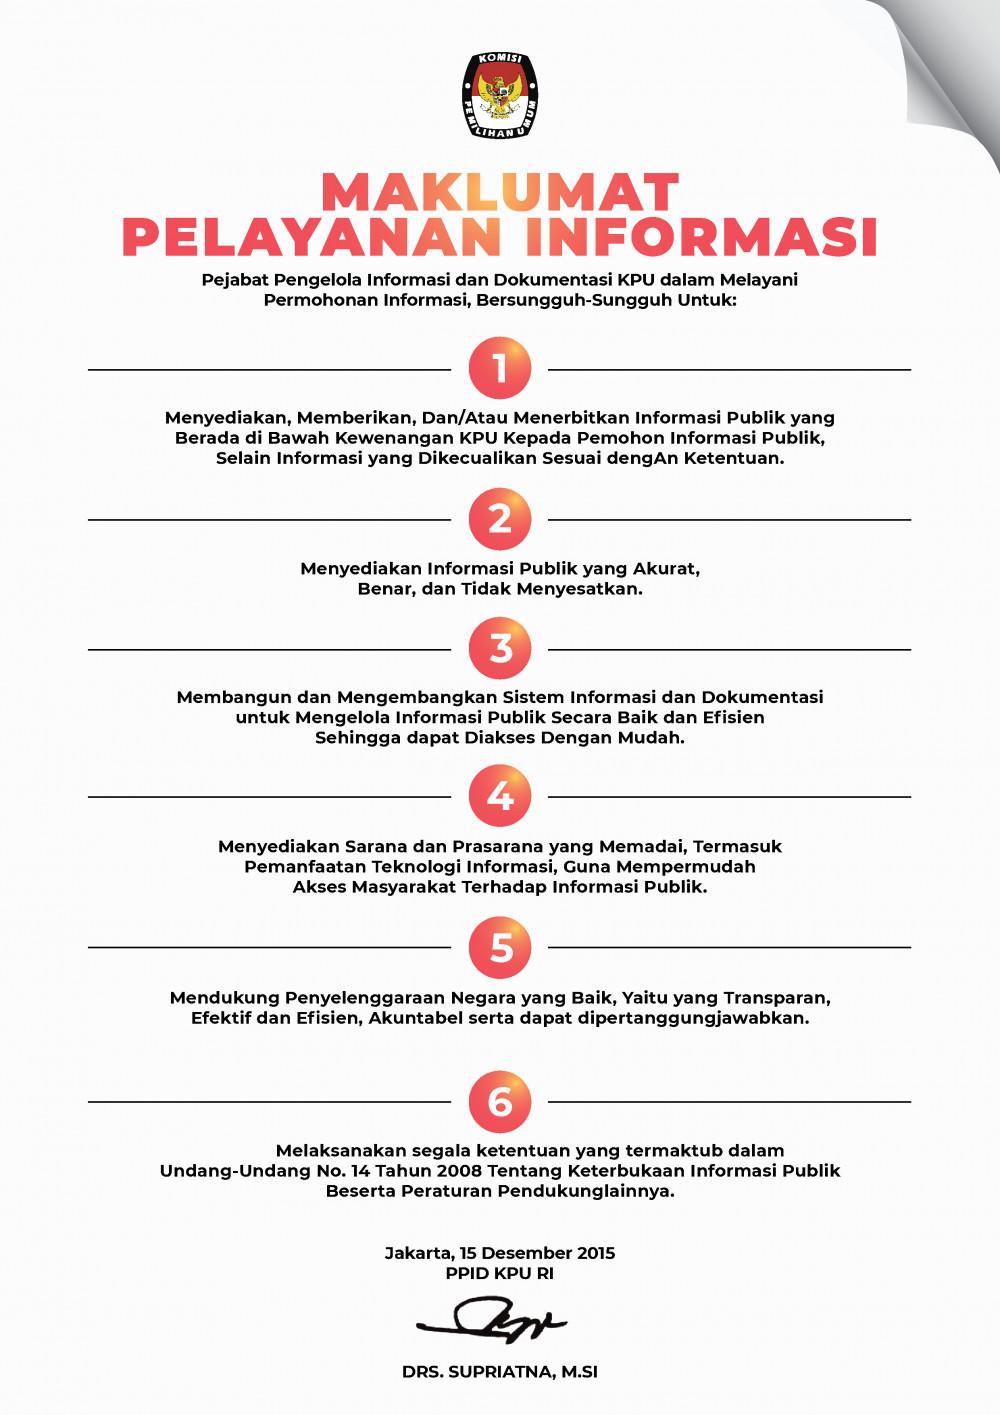 Maklumat Informasi